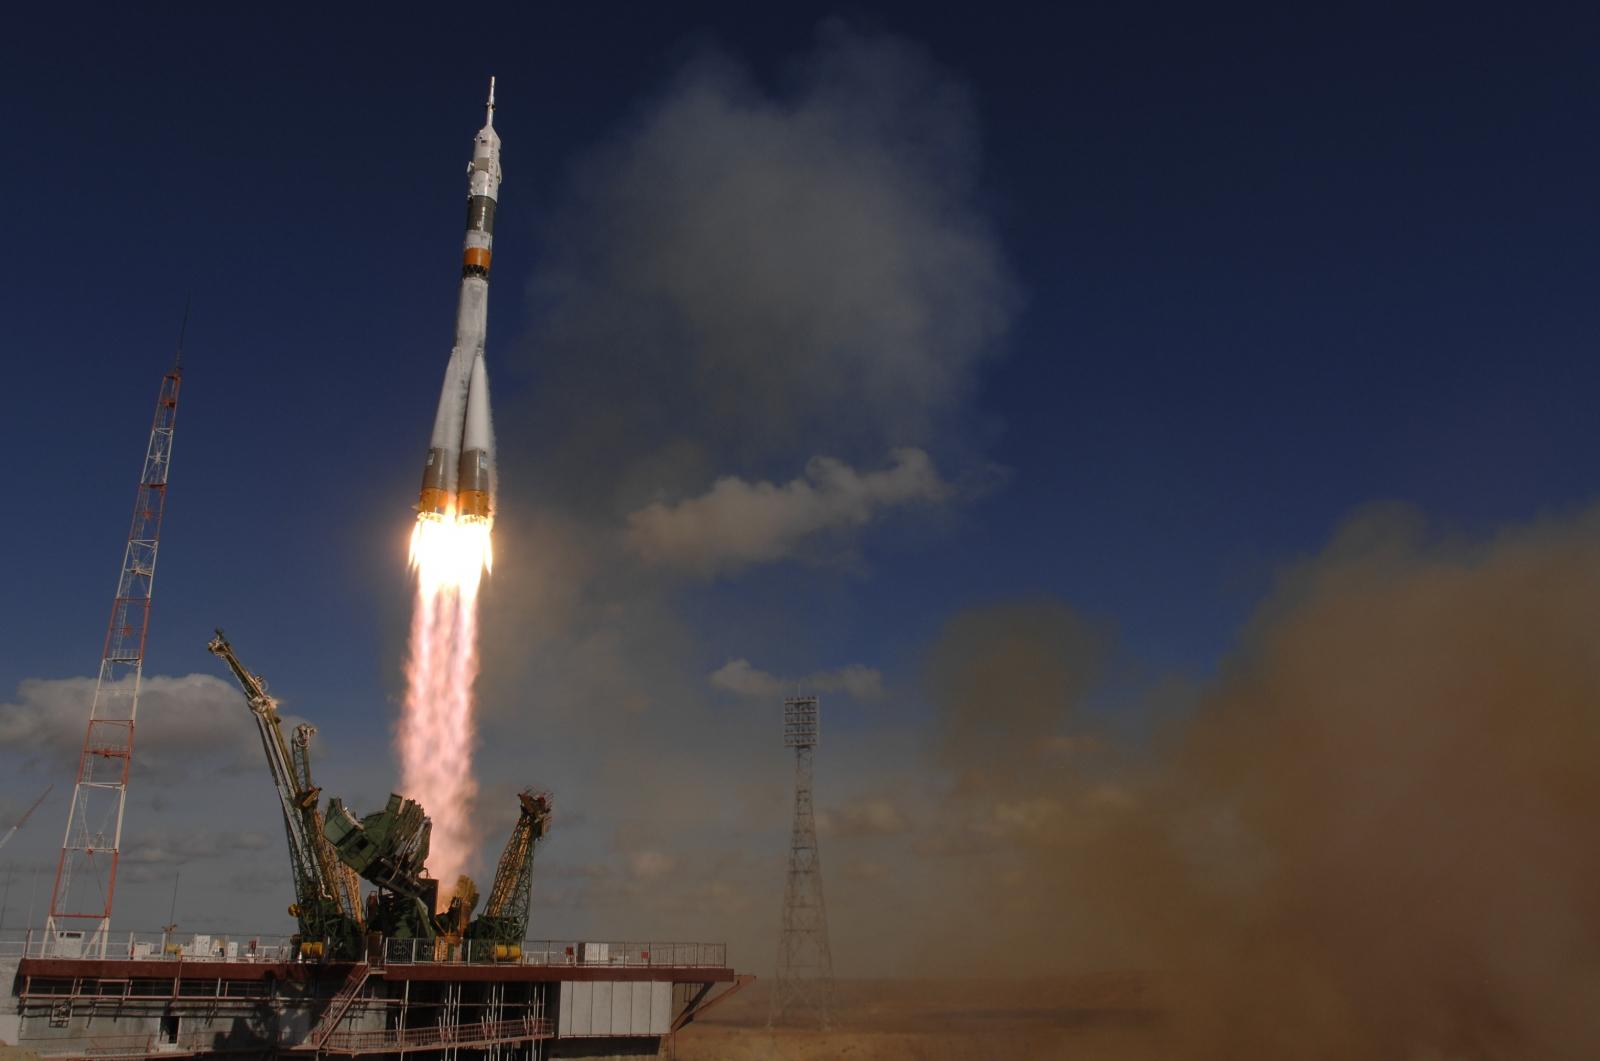 Soyuz TMA-13 spacecraft